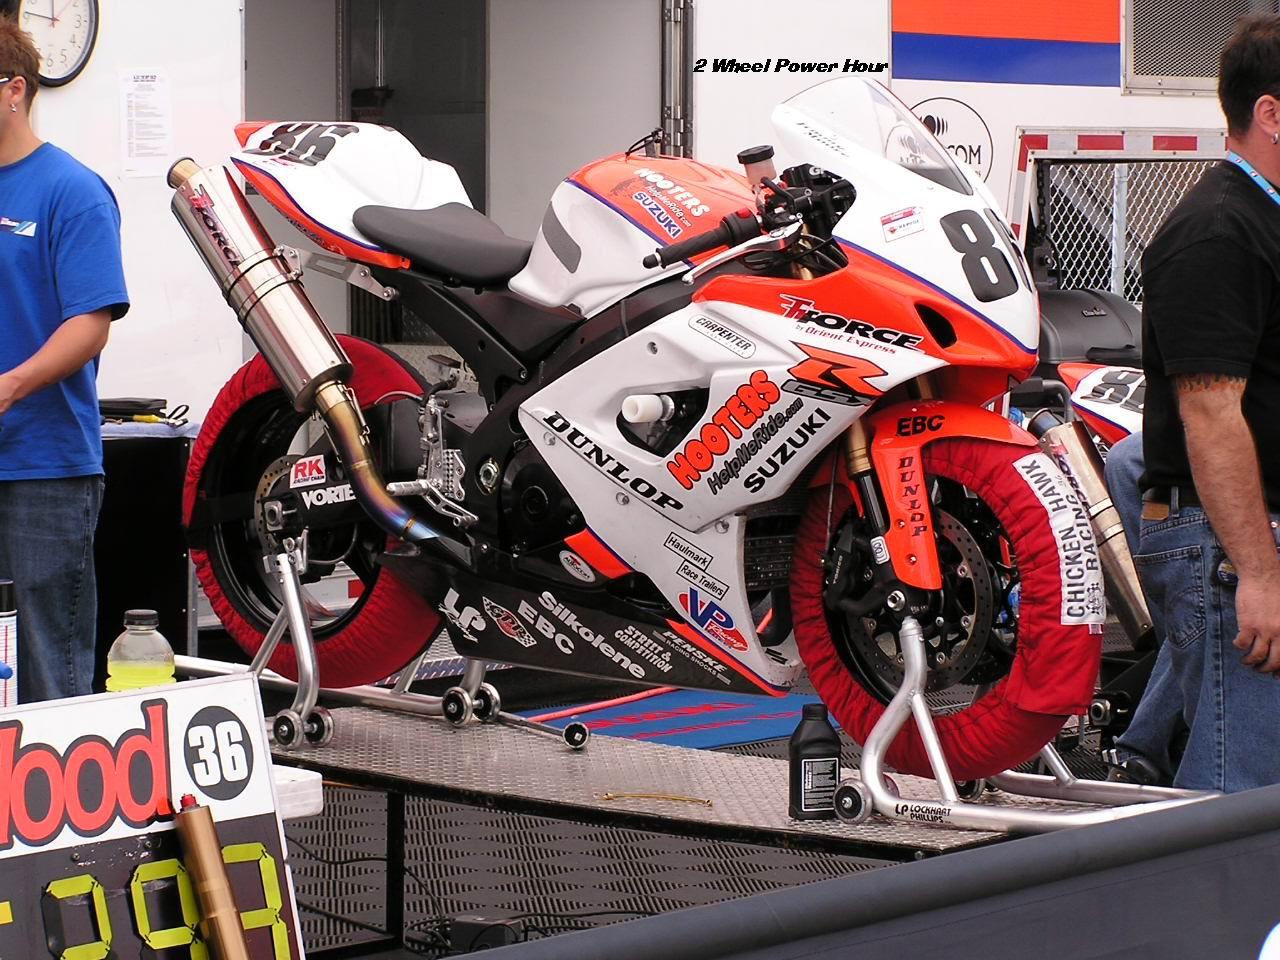 All Sport Bikes Of Suzuki